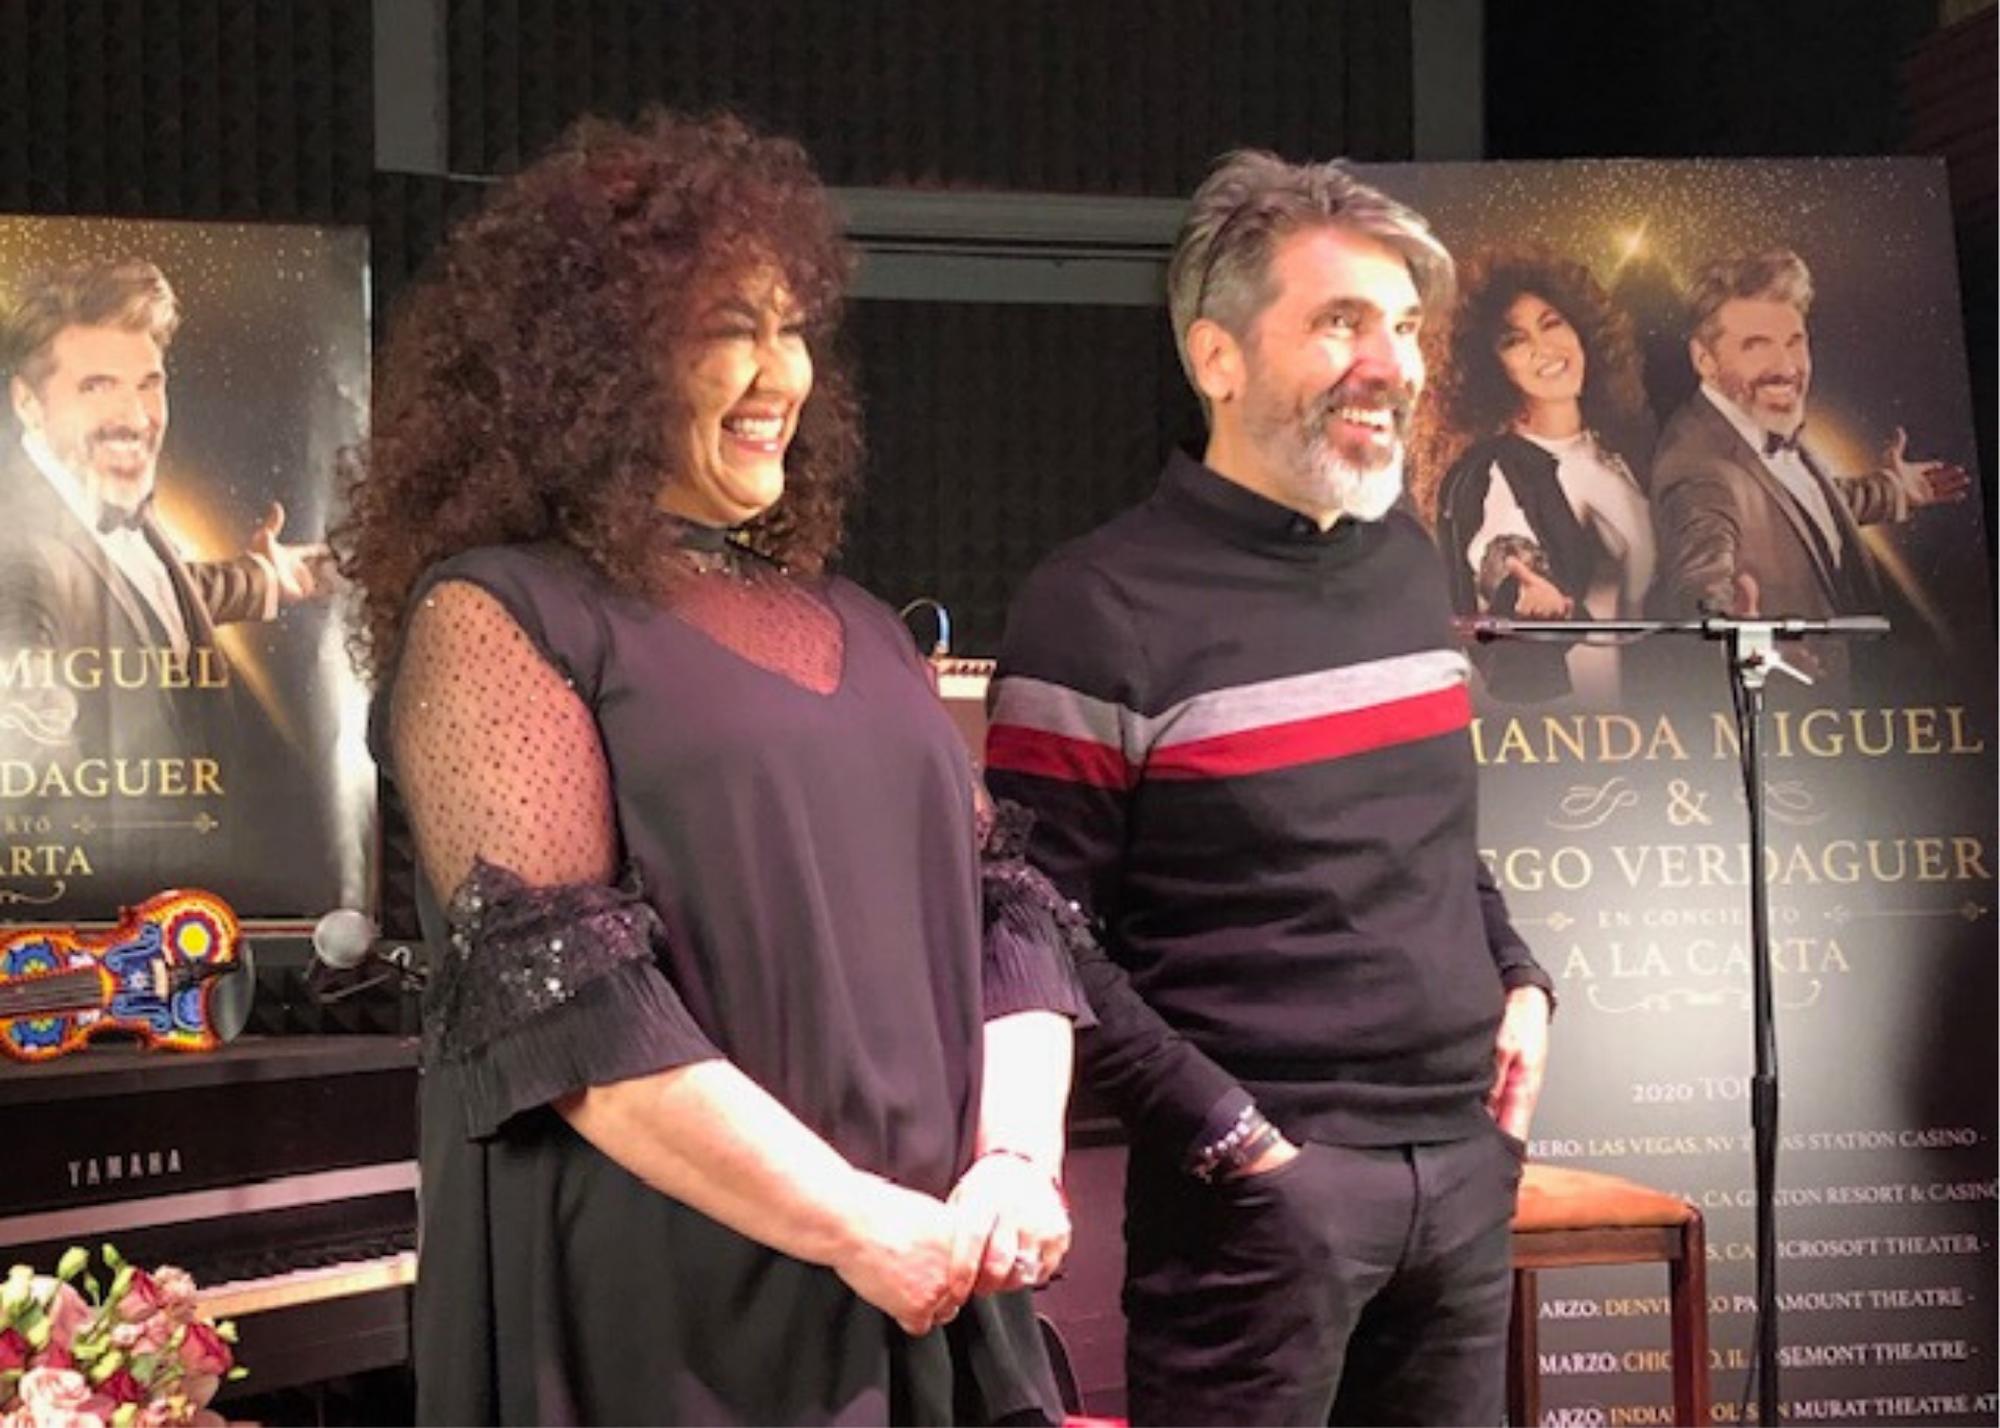 Amanda Miguel y Diego Verdaguer Anuncian Nueva Gira